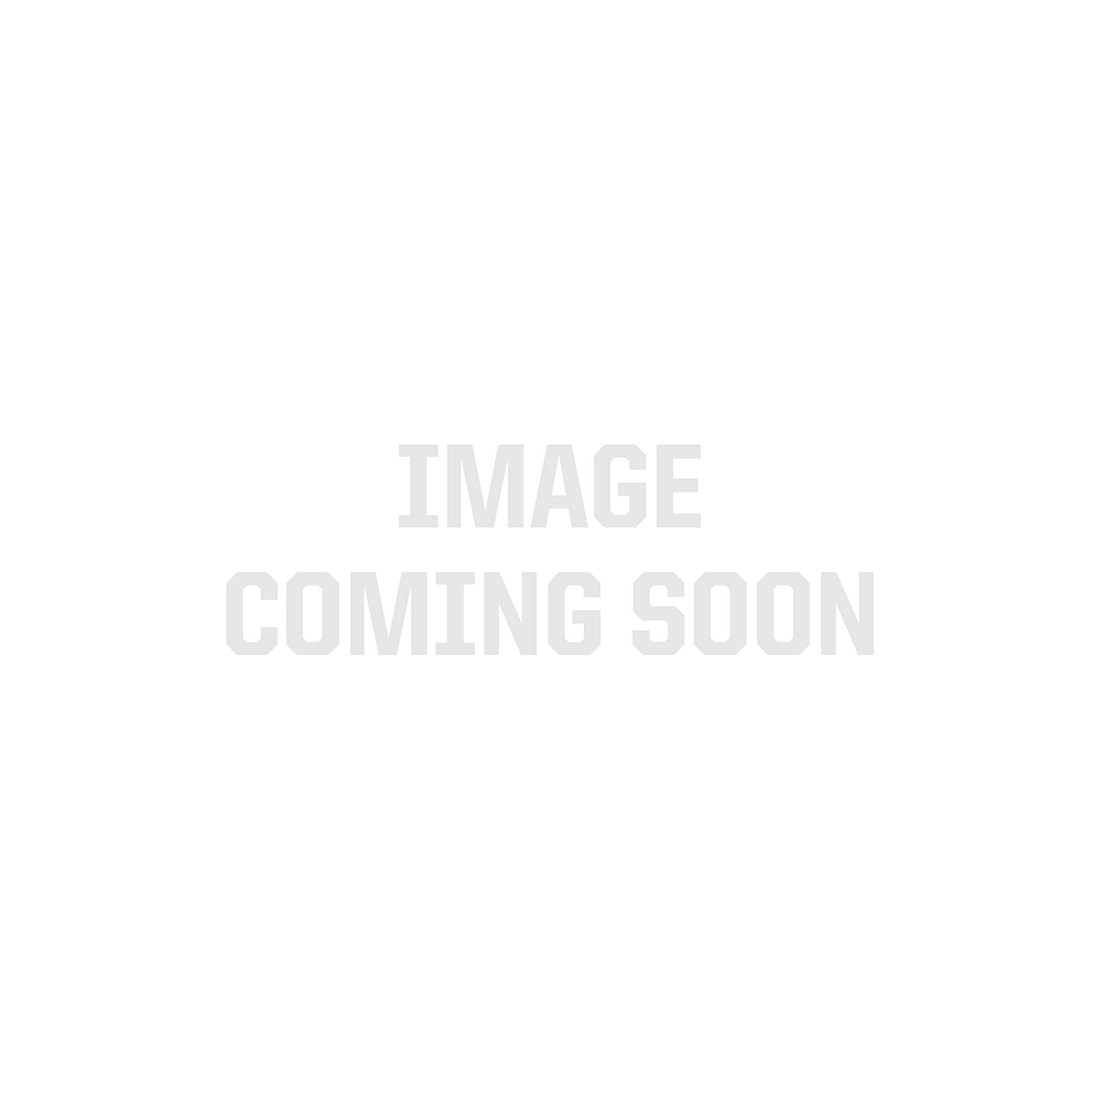 Madrix Key professional V3.x (64 DMX universes, 786,432 DVI pixels)